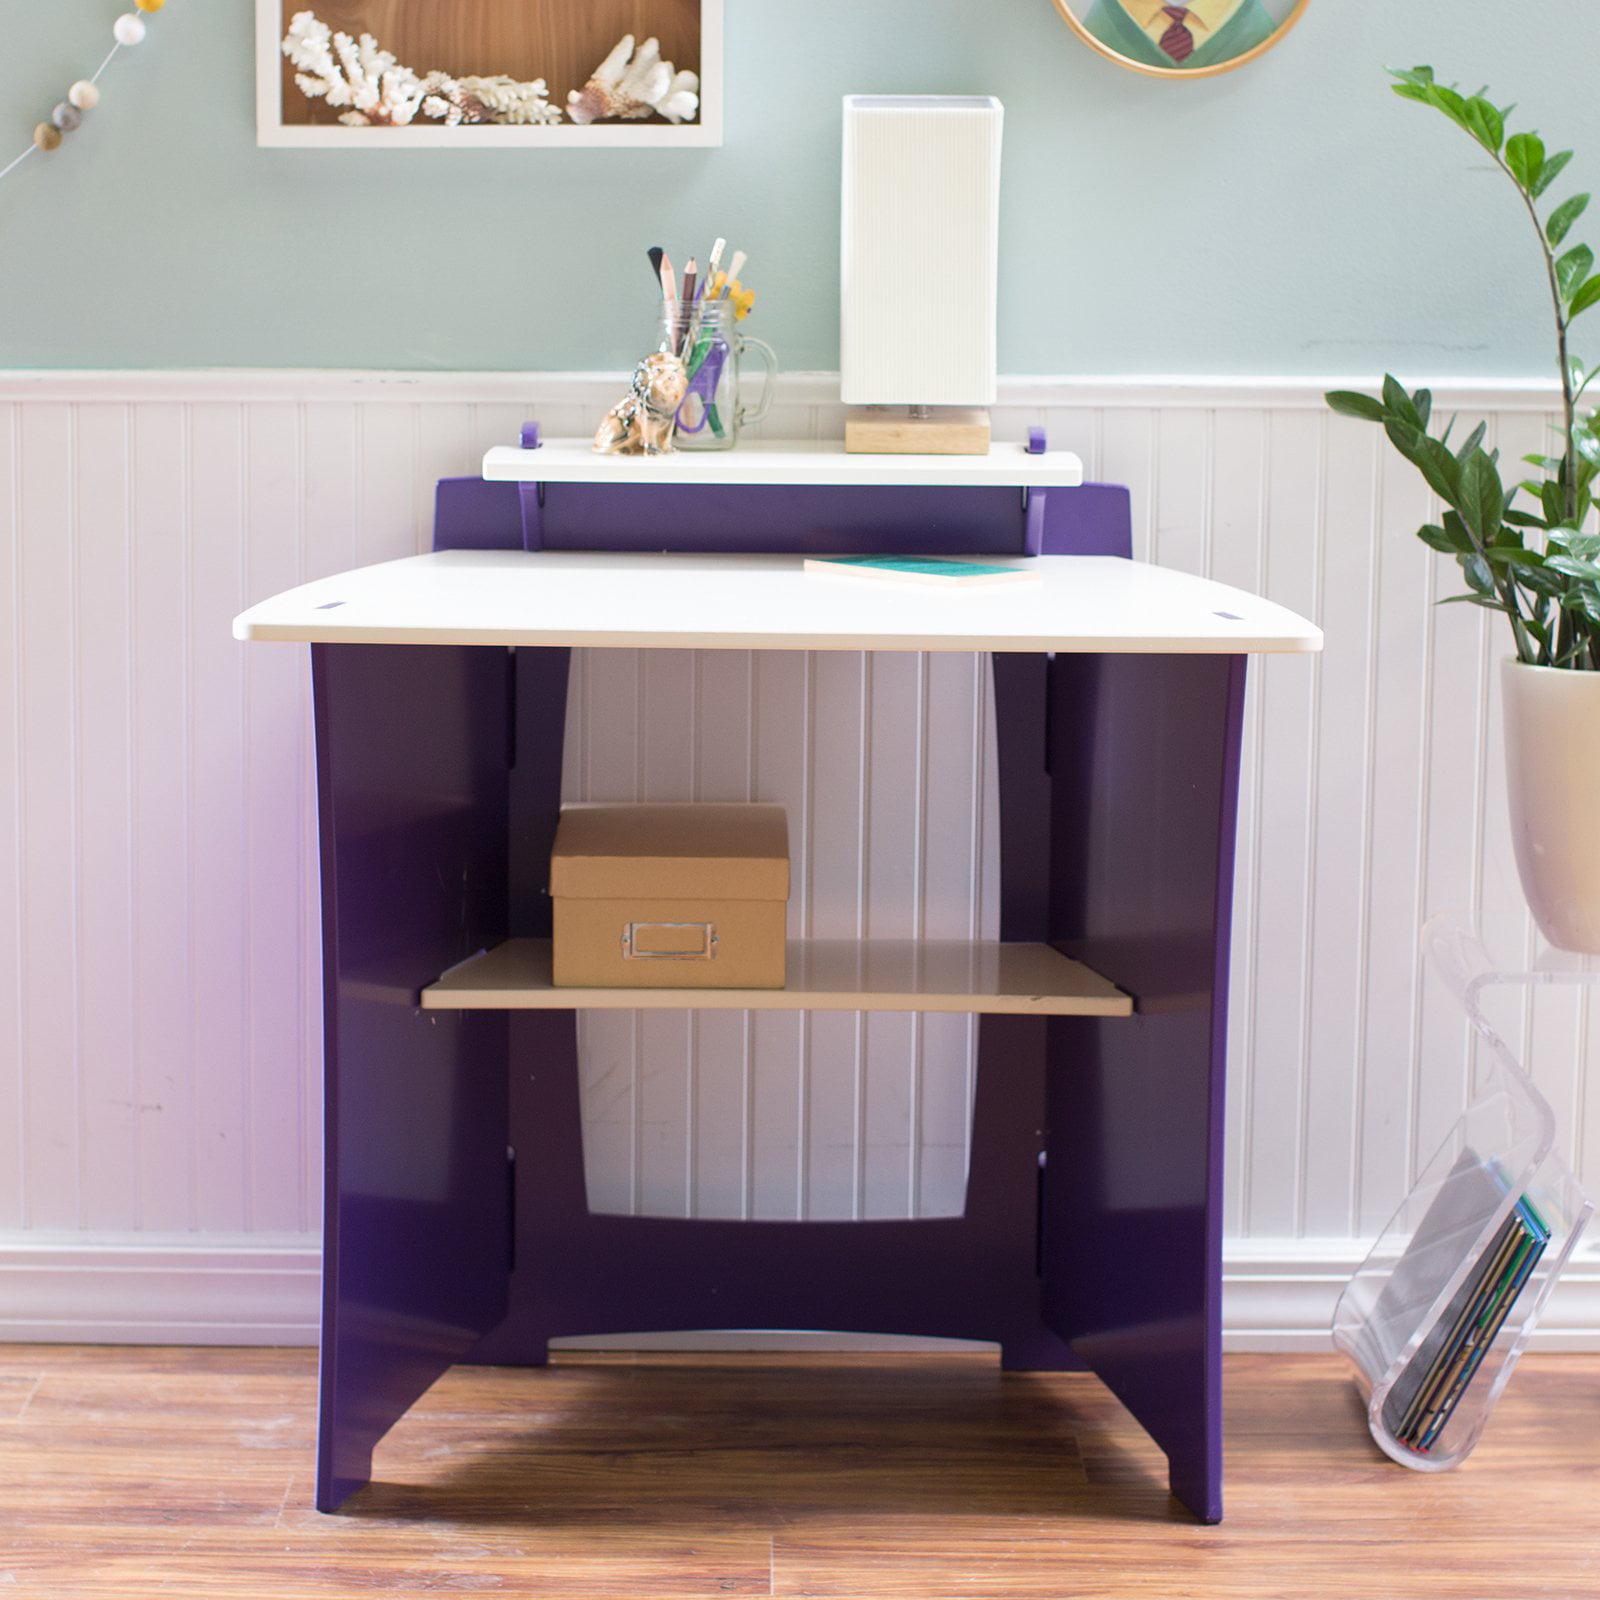 Legare Select Kids' Desk, Purple and White by Legare Furniture